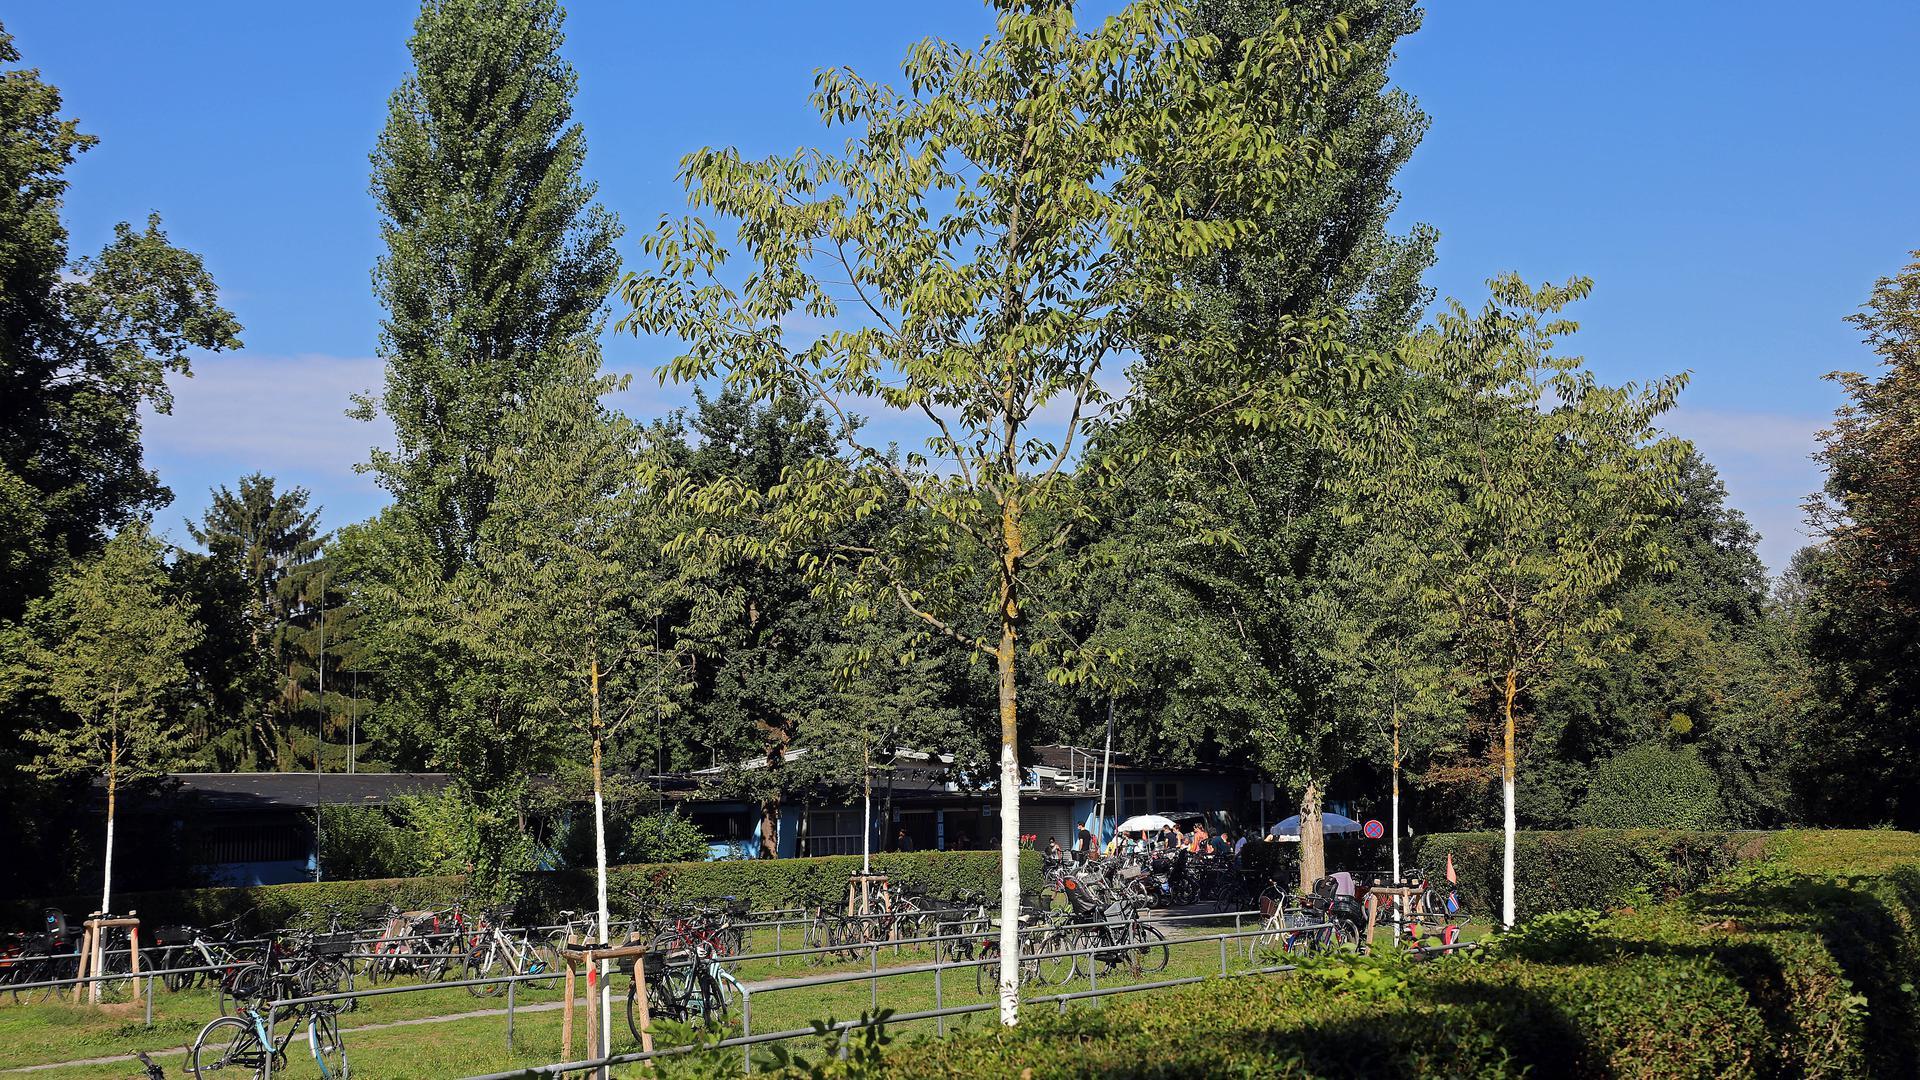 21.08.2020 Fahrradparkplatz vor dem Freibad Rüppurr